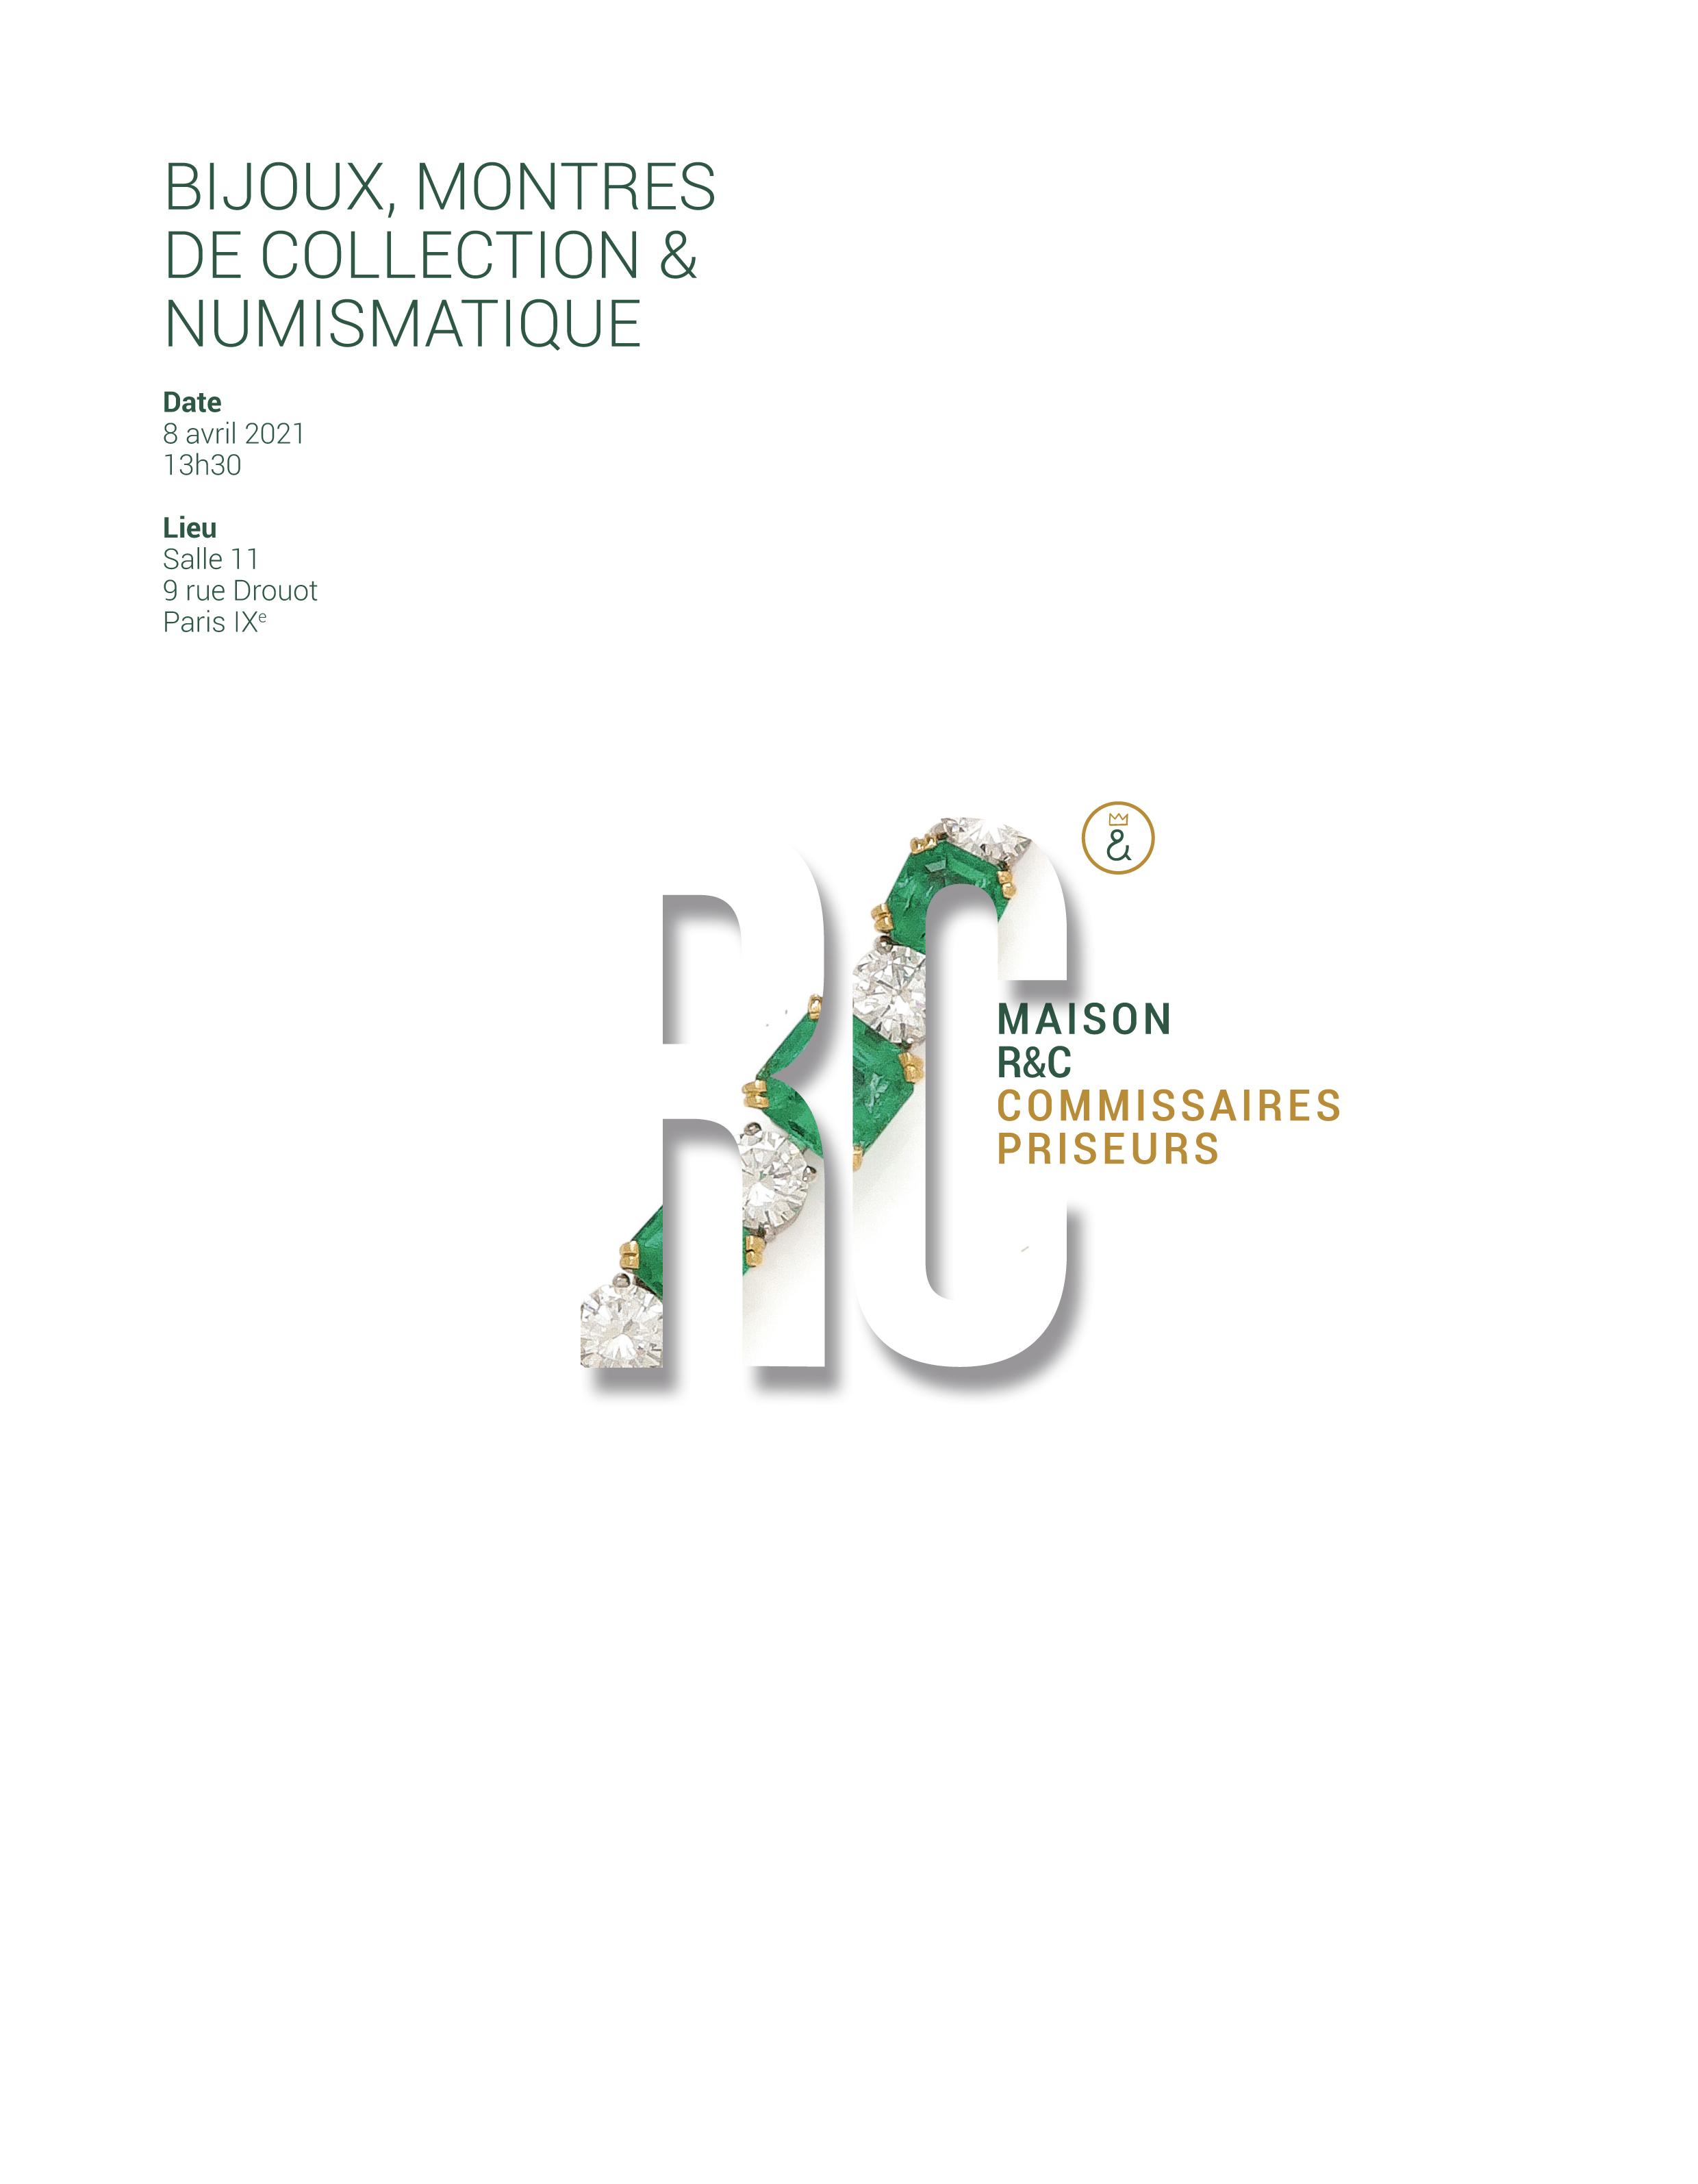 Vente BIJOUX / MONTRES DE COLLECTION / NUMISMATIQUE  chez Maison R&C Commissaires-Priseurs Associés : 354 lots